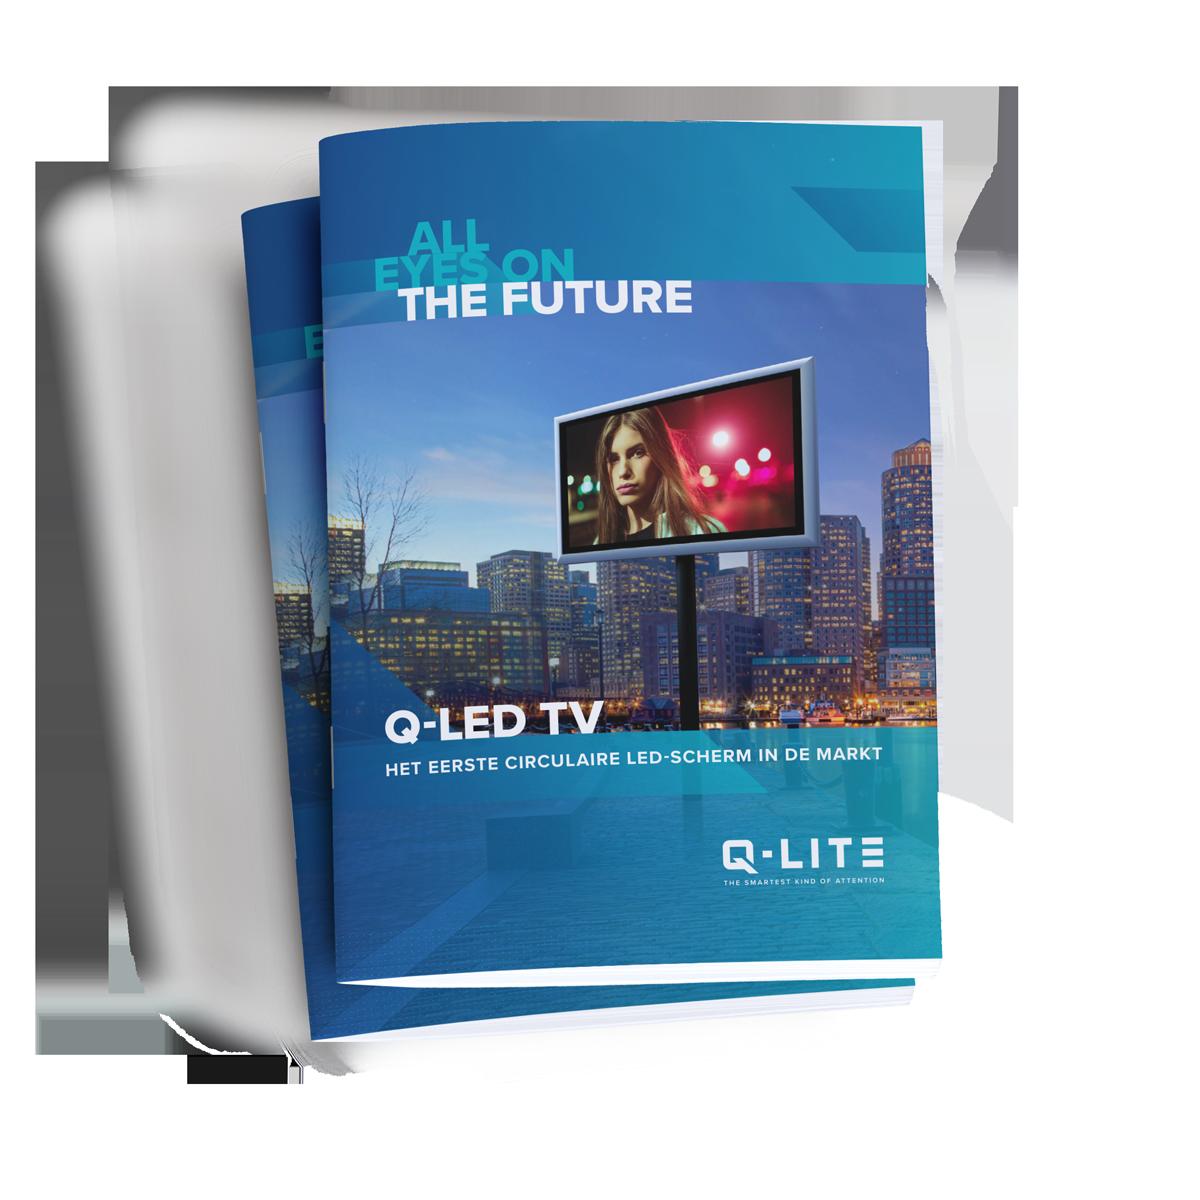 Q-LED TV